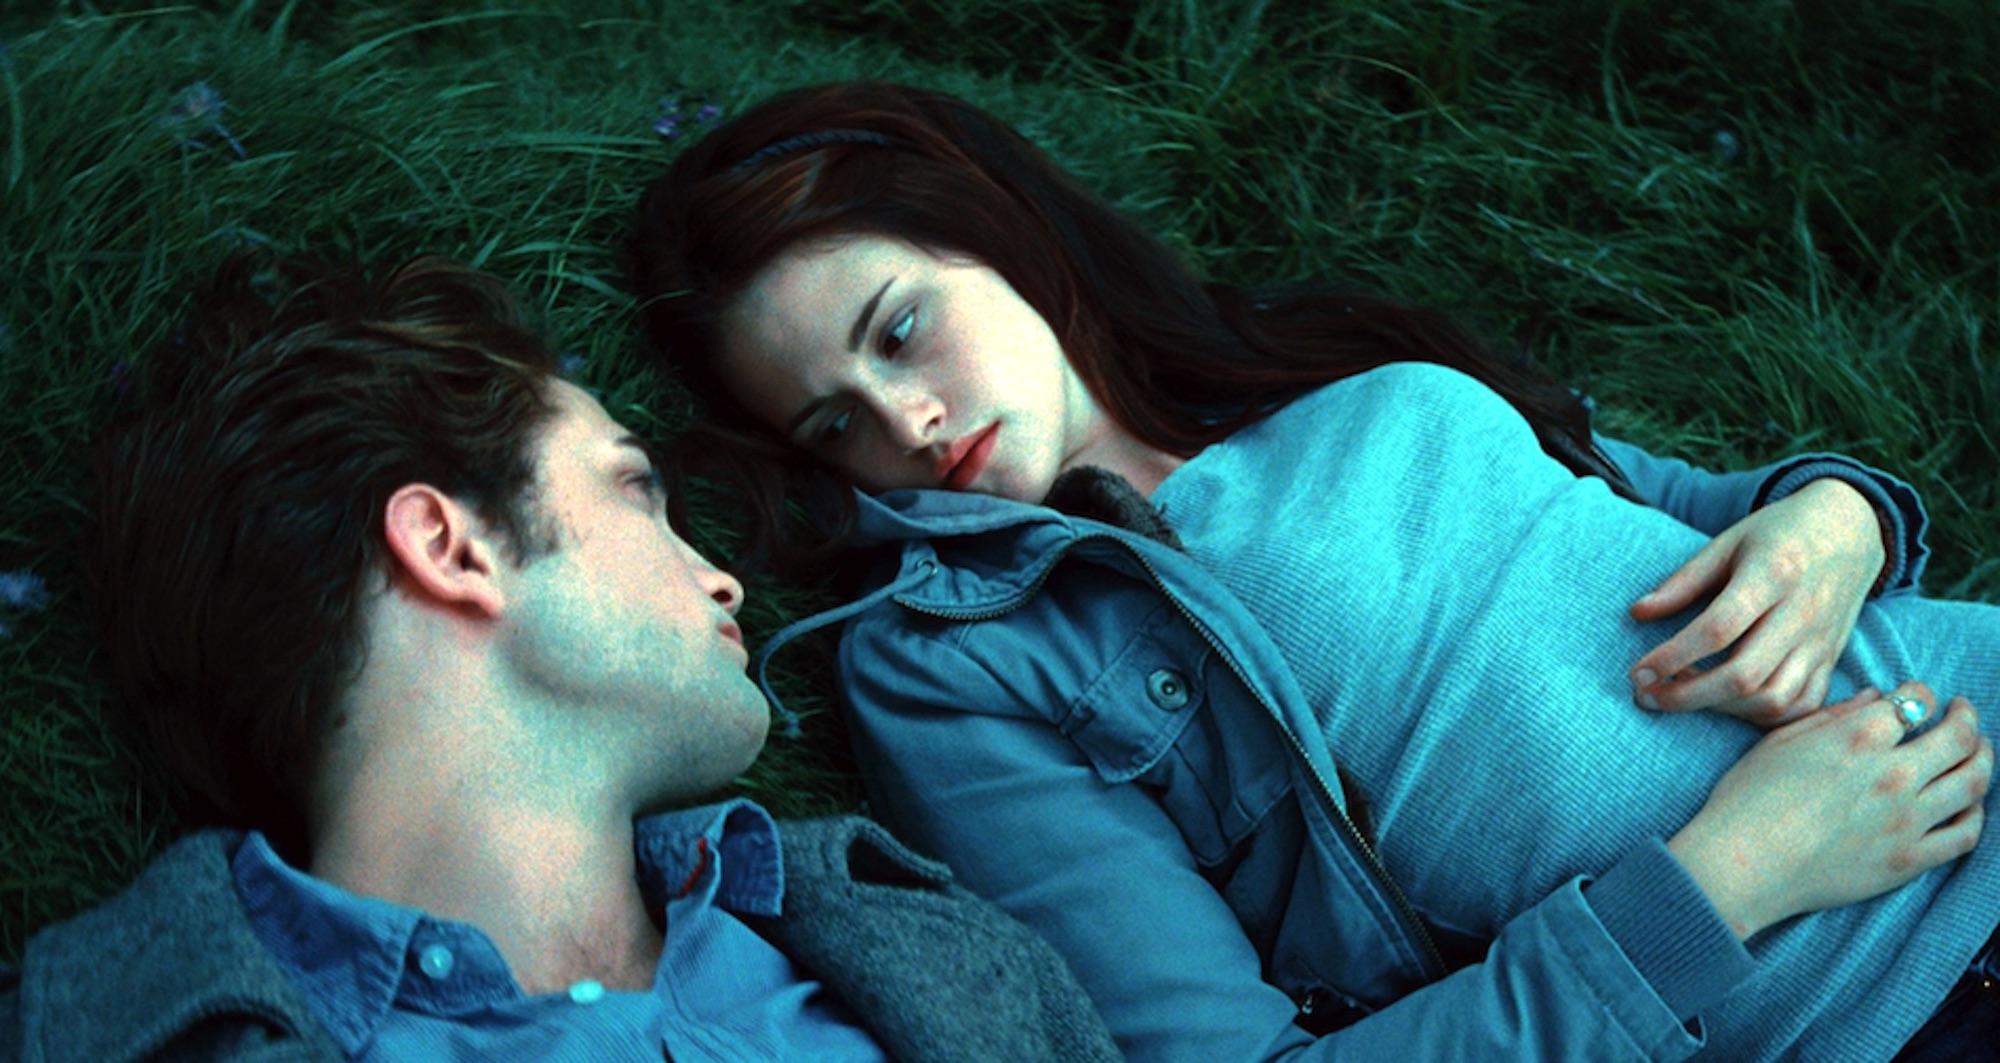 Edward Cullen (Robert Pattinson) and Bella Swan (Kristen Stewart) in Edward's meadow in 'Twilight'